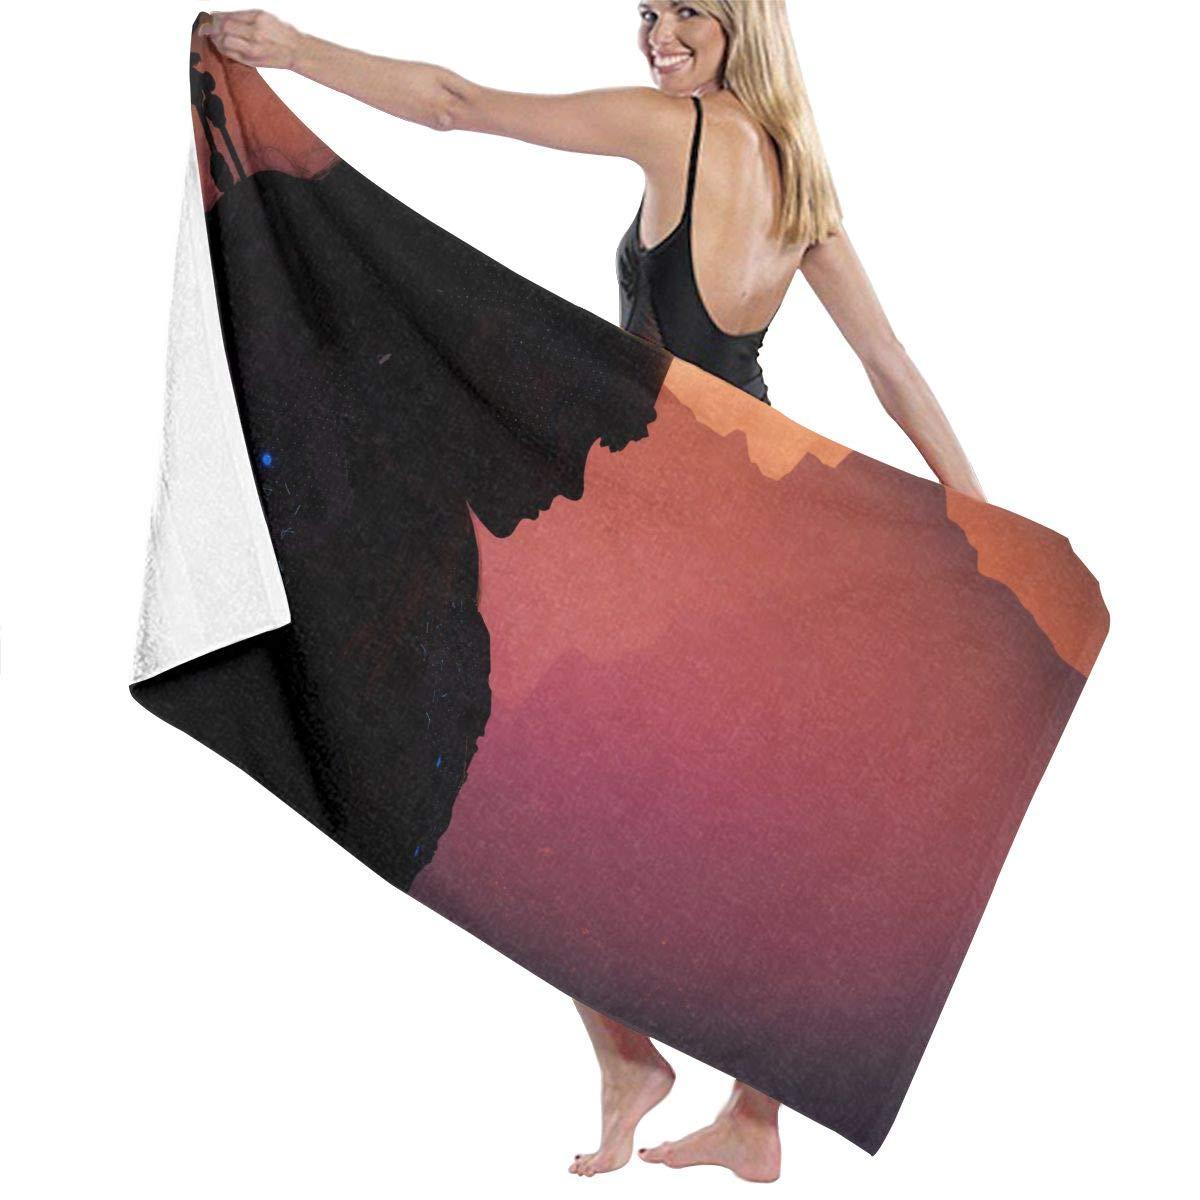 QWED Dawn Video Games Unisex Luxury Beach Towels Fashion Sauna Yoga Gym Towel